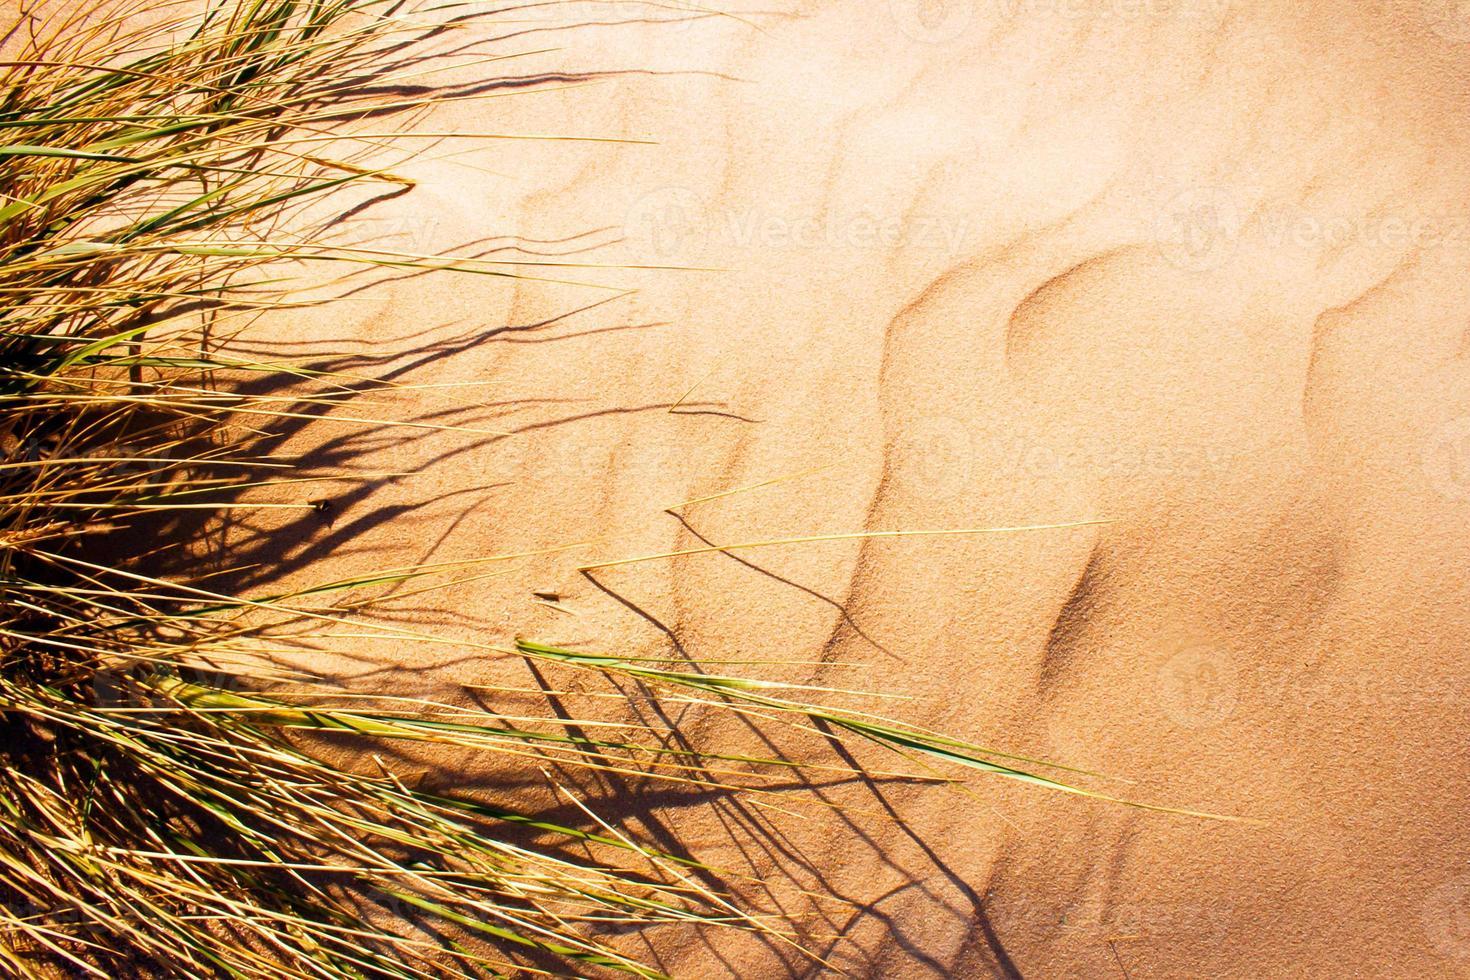 grama soprada pelo vento na duna de areia. foto